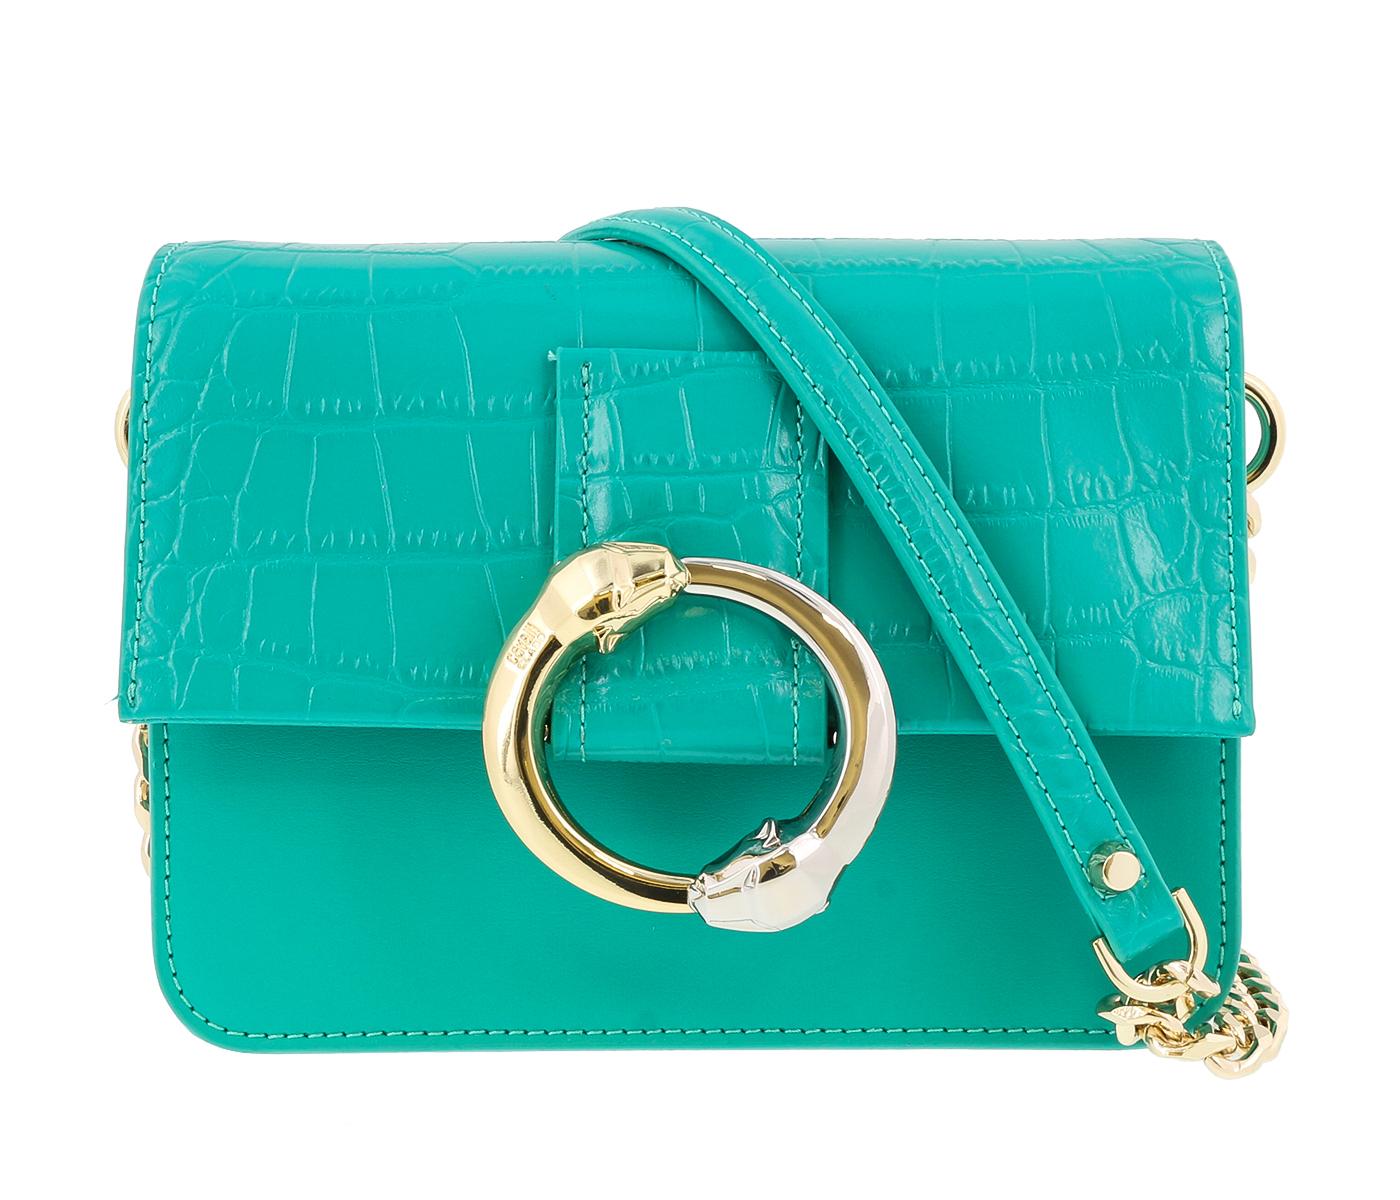 Class Roberto Cavalli Paris 001 Green Small Shoulder Bag